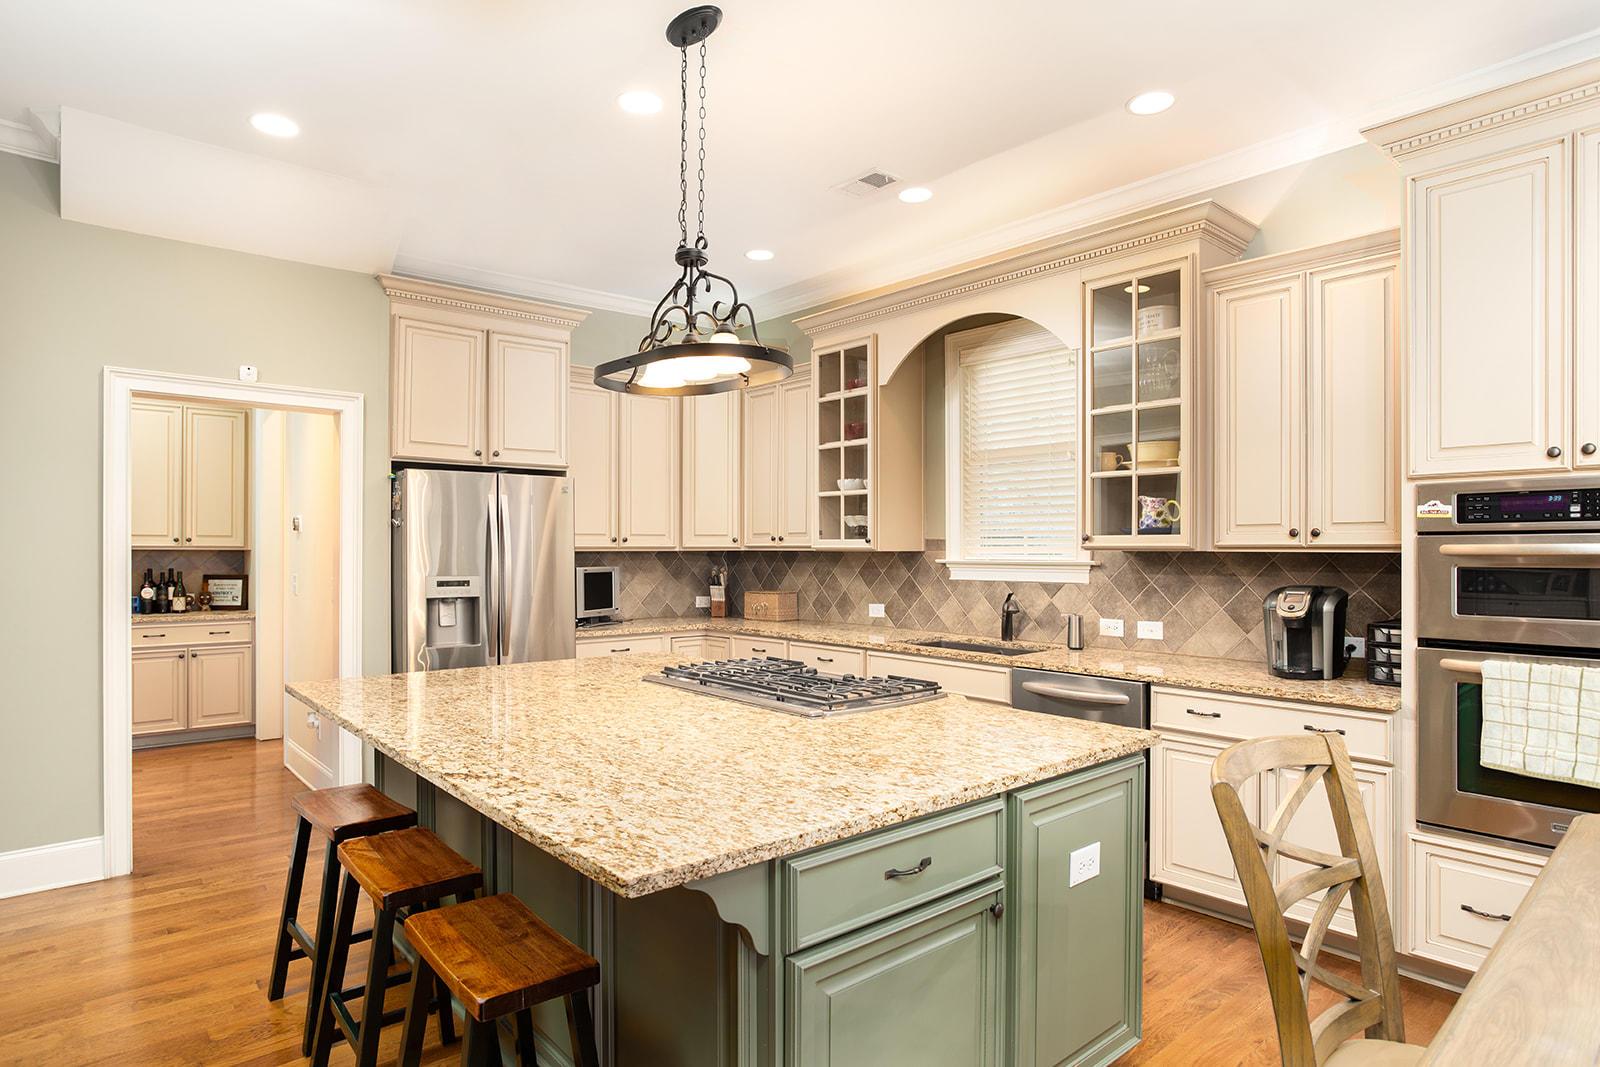 Dunes West Homes For Sale - 3019 Yachtsman, Mount Pleasant, SC - 9